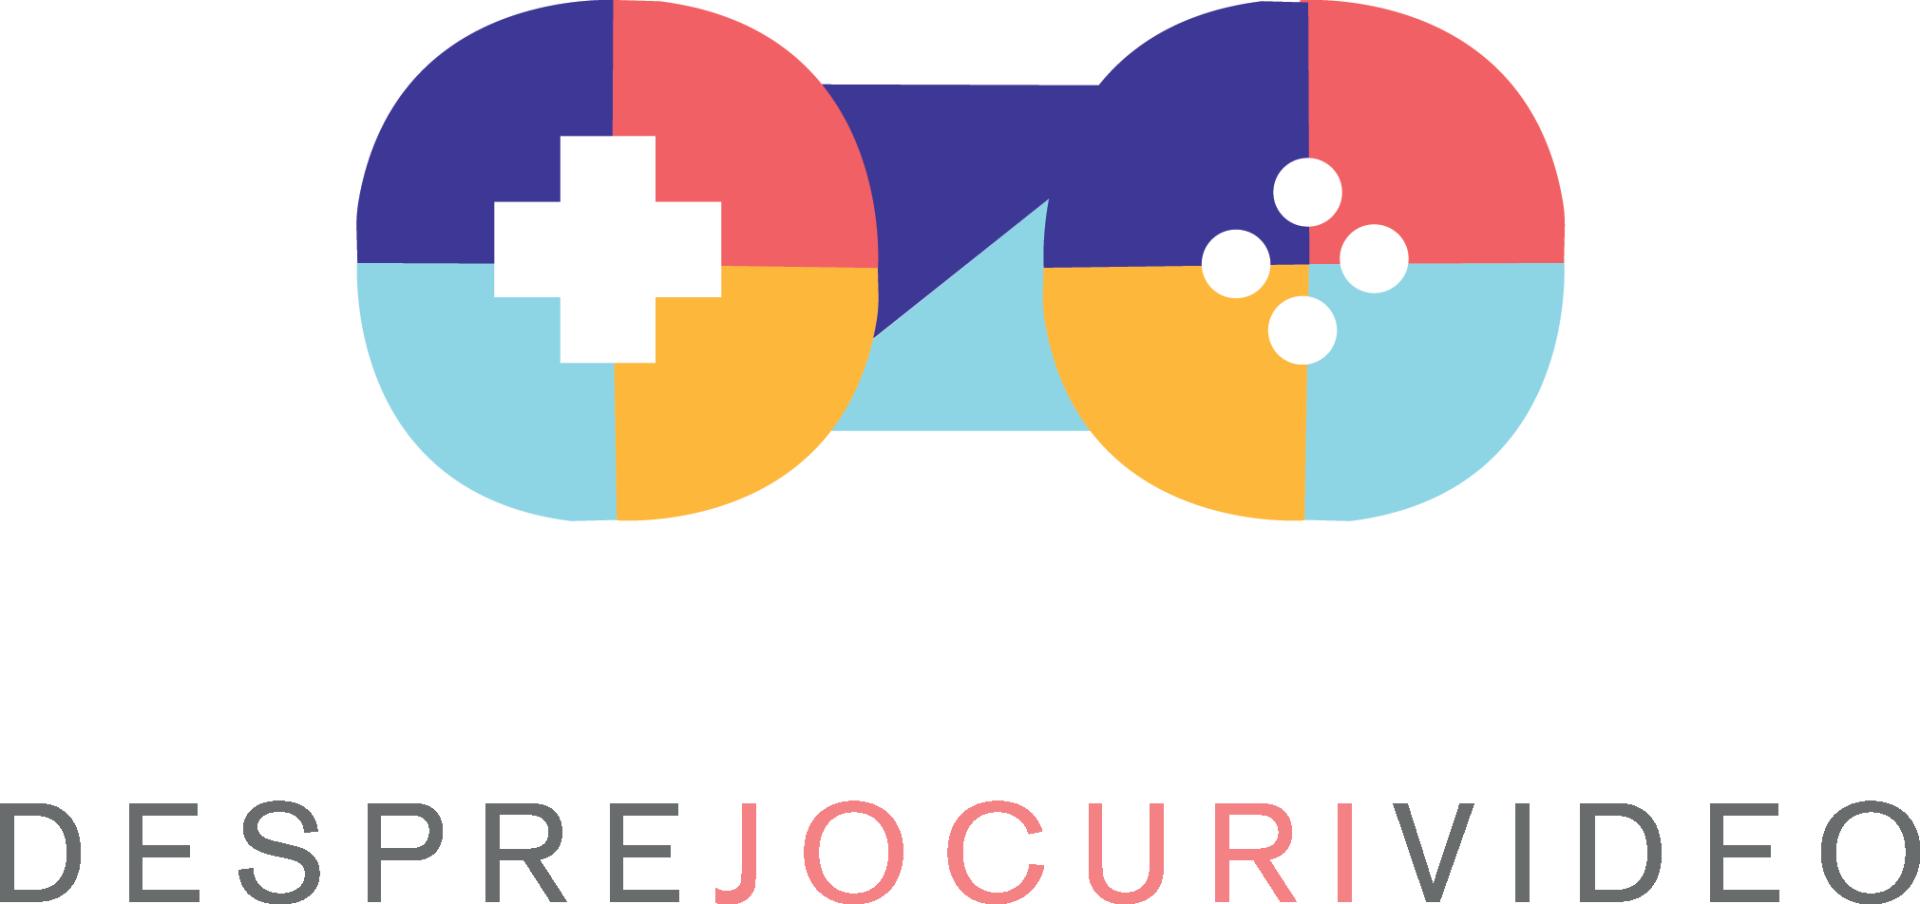 Despre jocuri video (Romania)